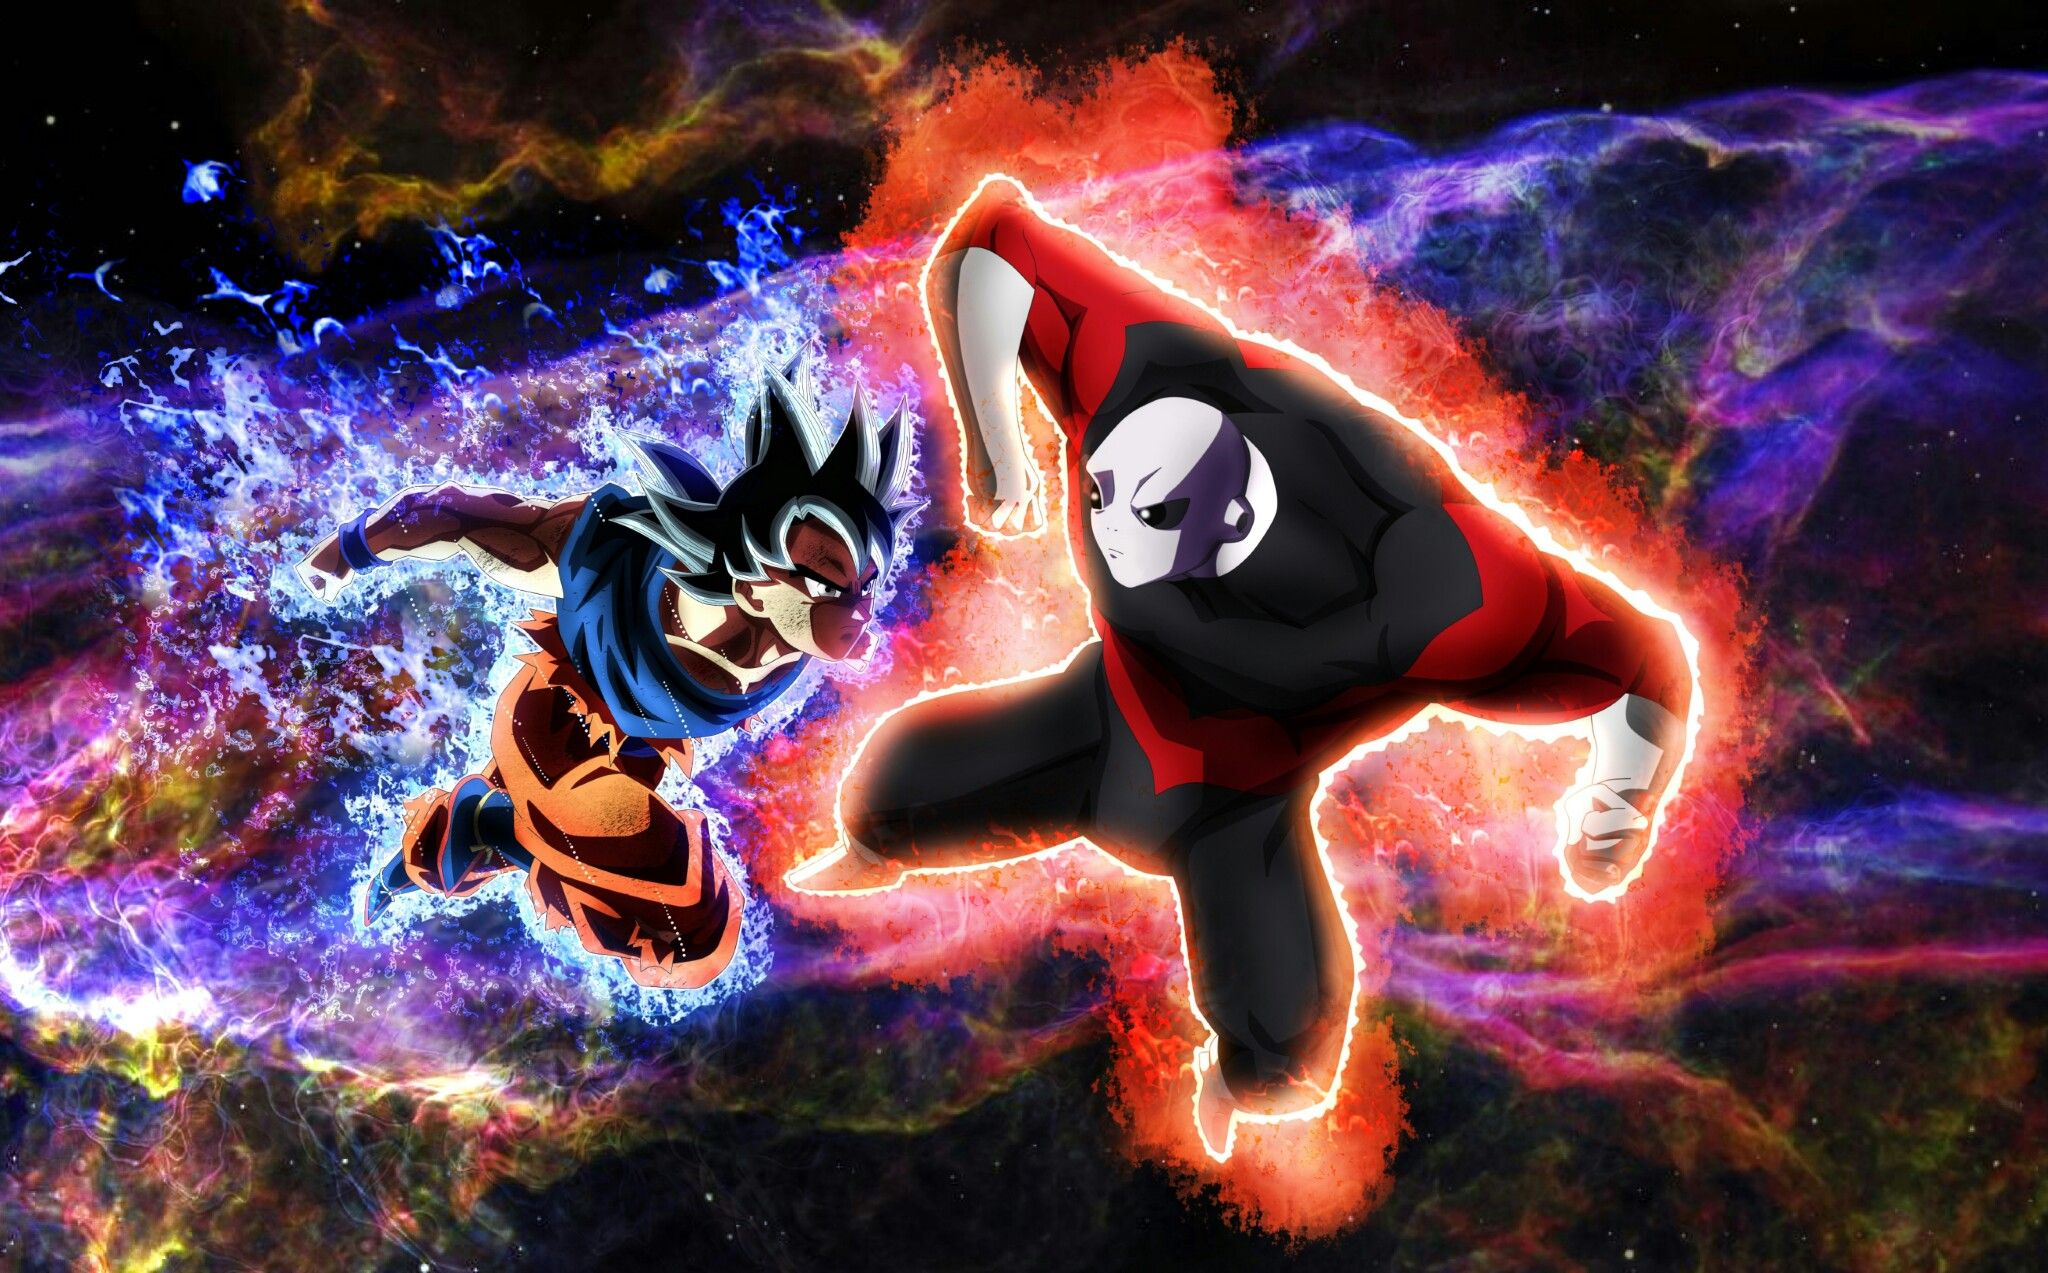 Goku instinto superior vs el marzianito 144p v dragon ball z super goku dragon ball y - Imagenes de dragon ball super ultra instinto ...